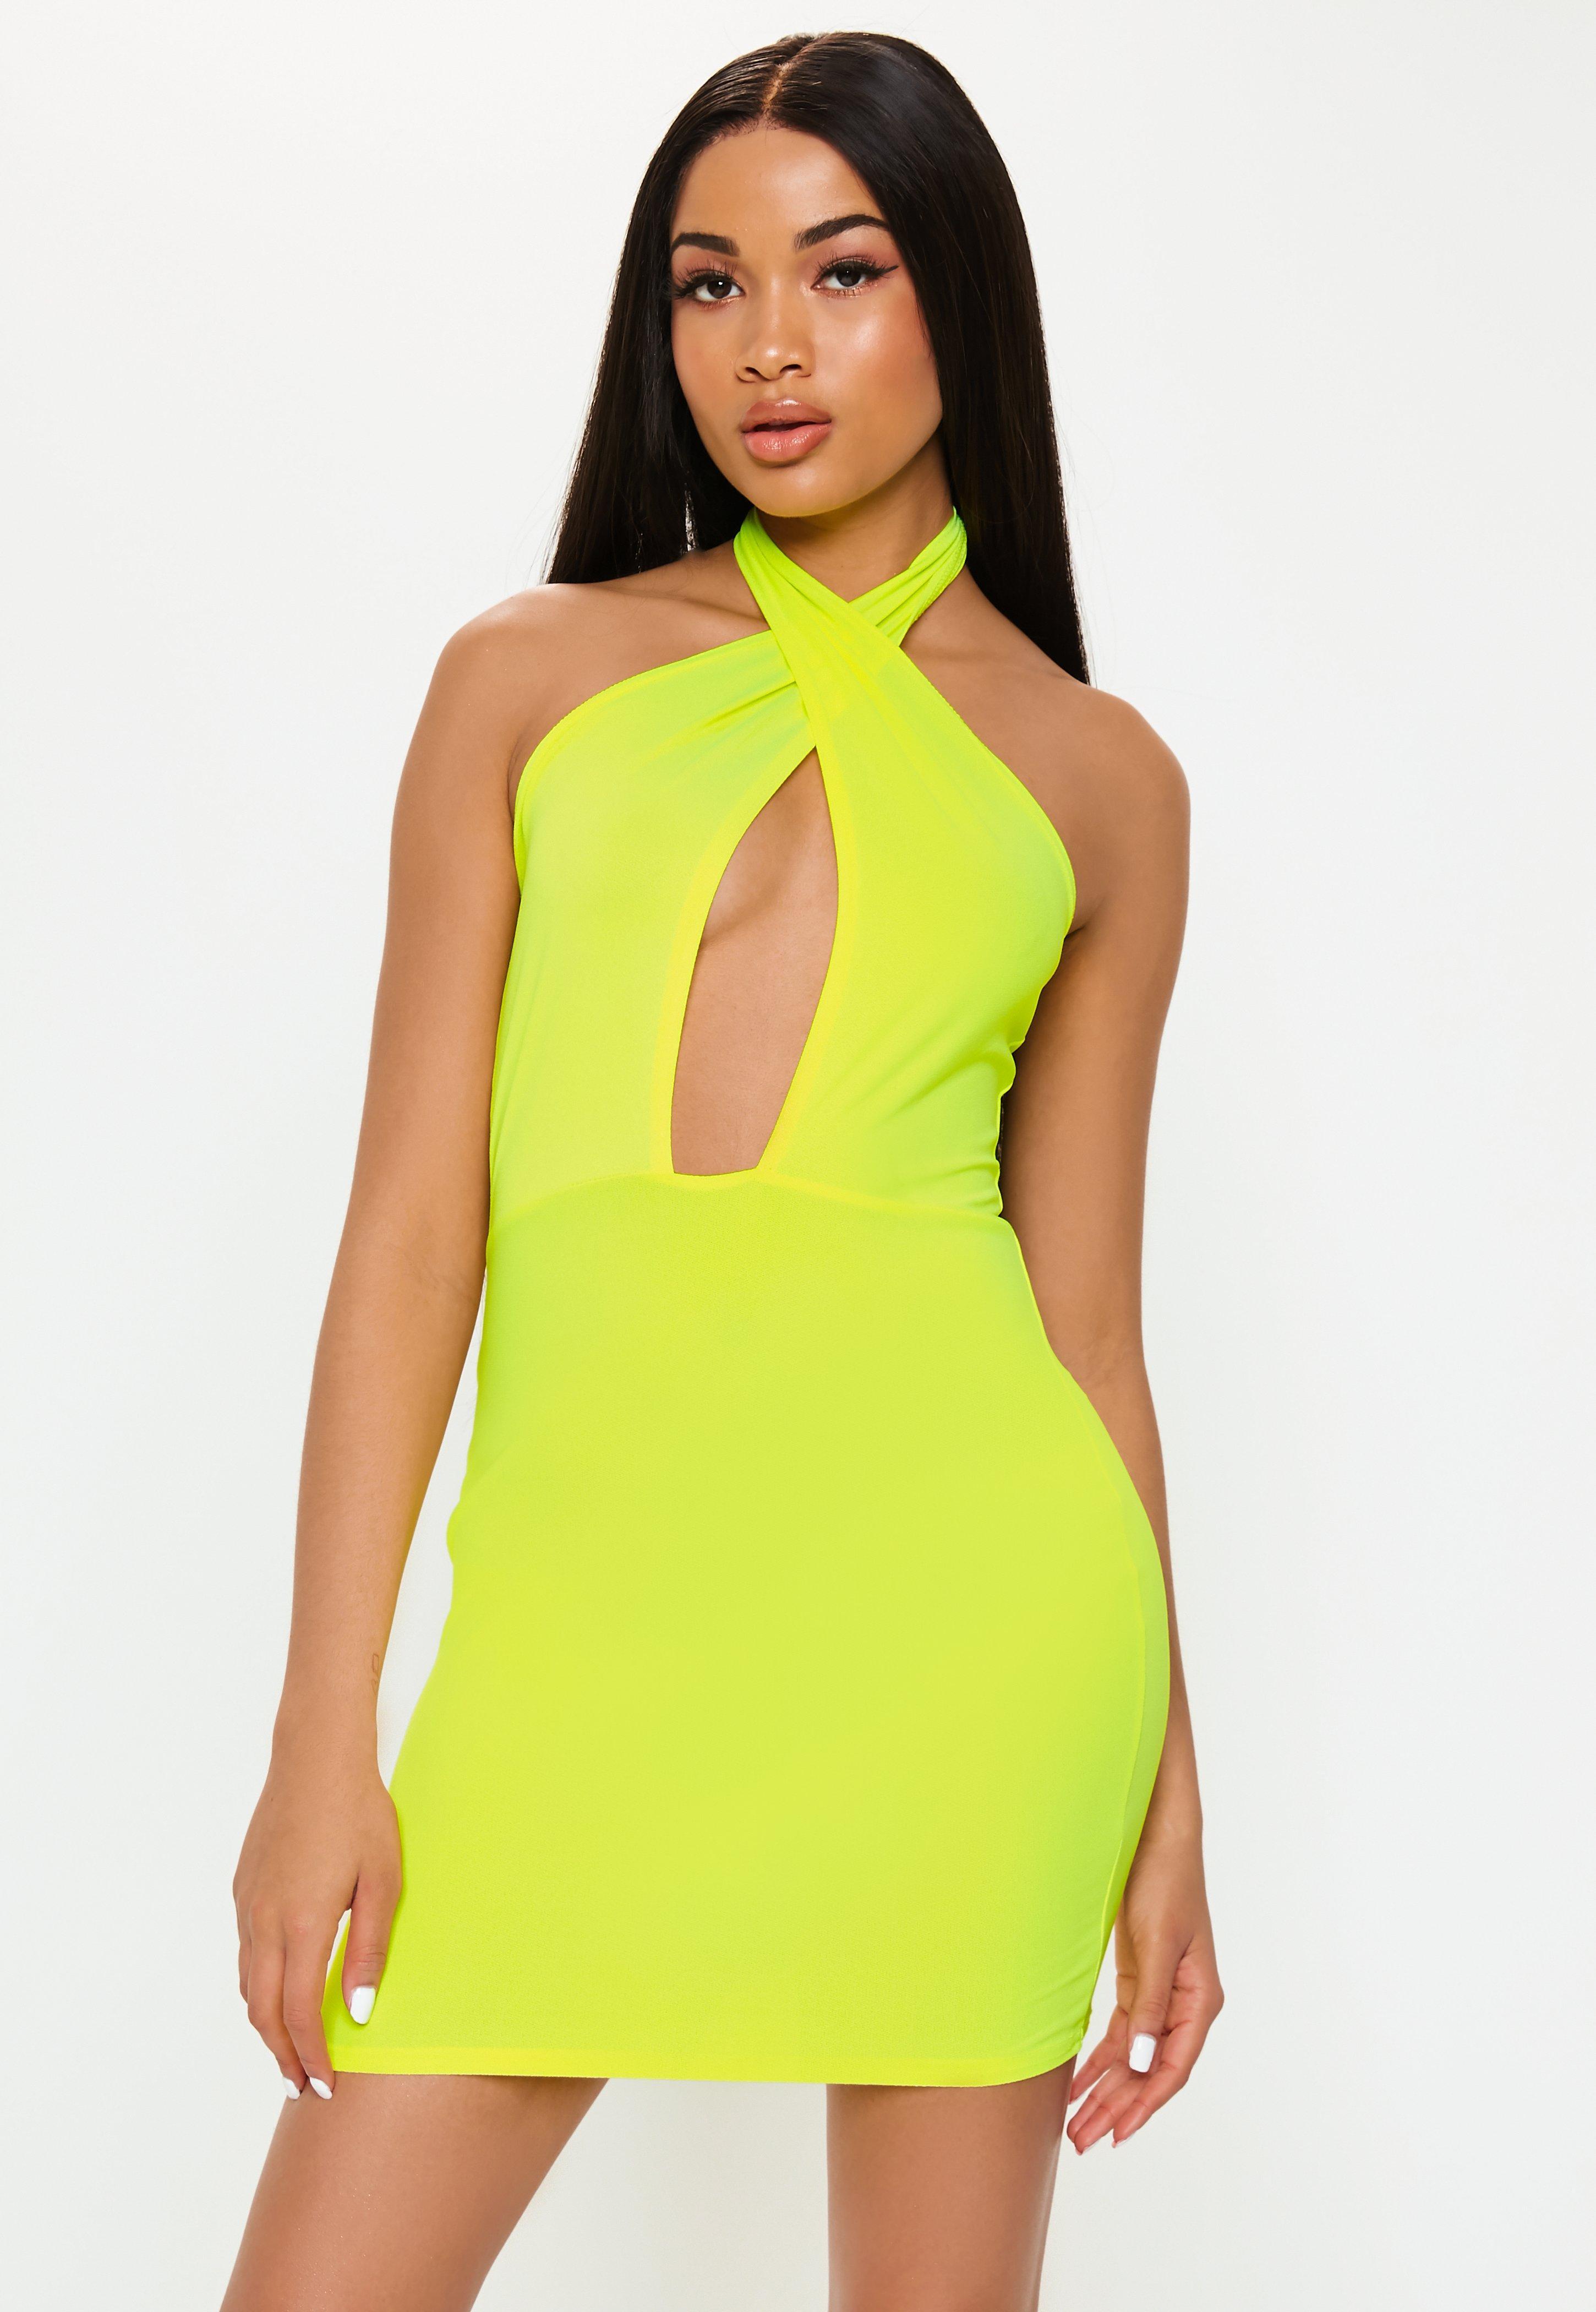 69ad20b8d73 Summer Dresses